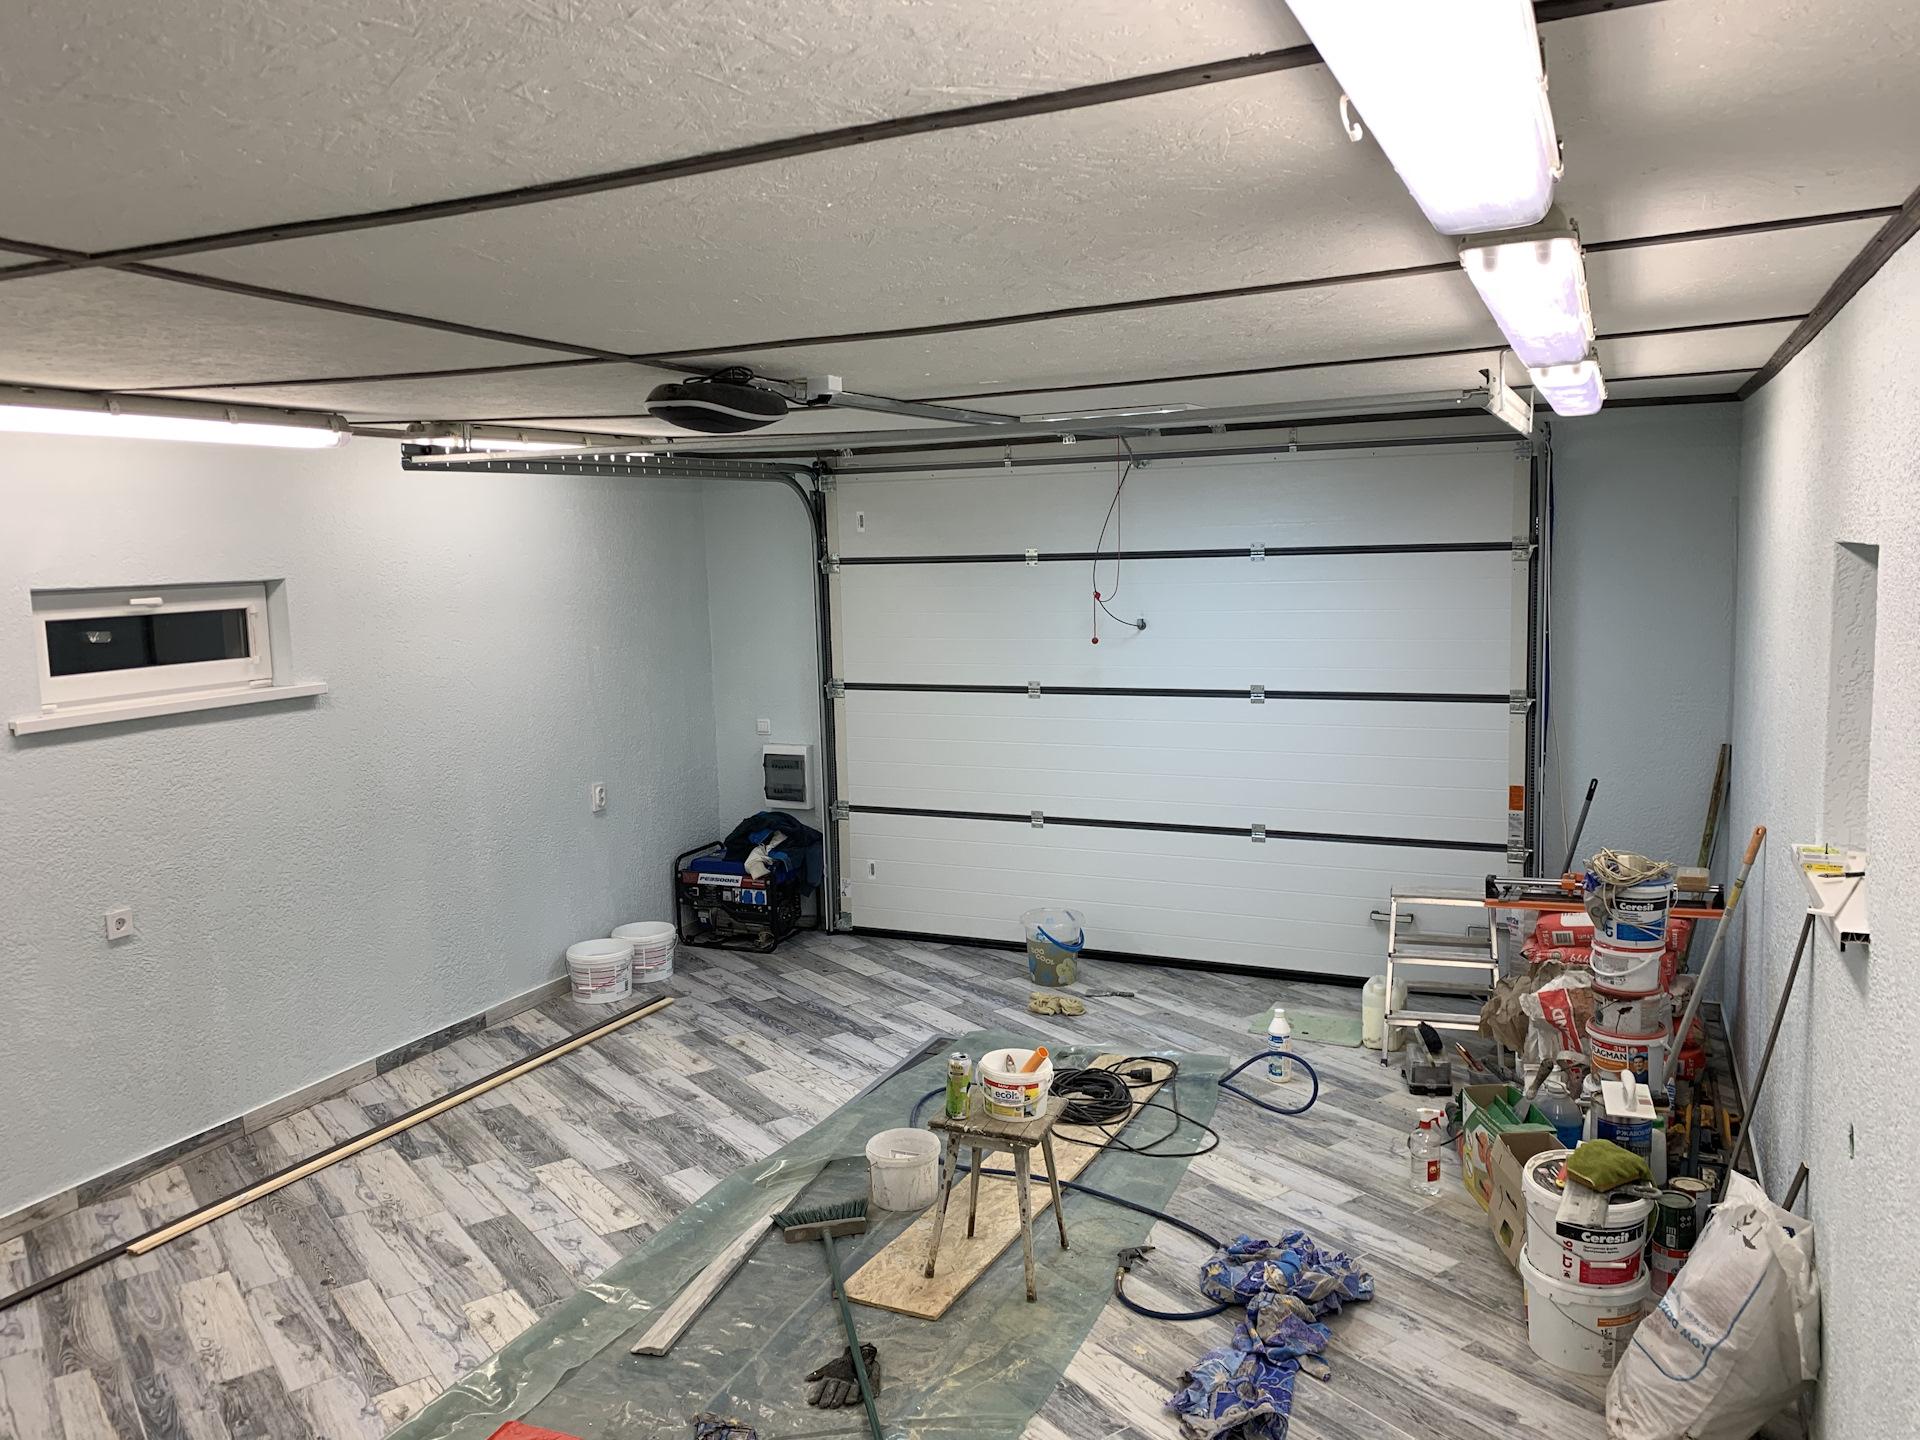 это выпечка прикольный ремонт гаража фото люстрами, точечными светильниками